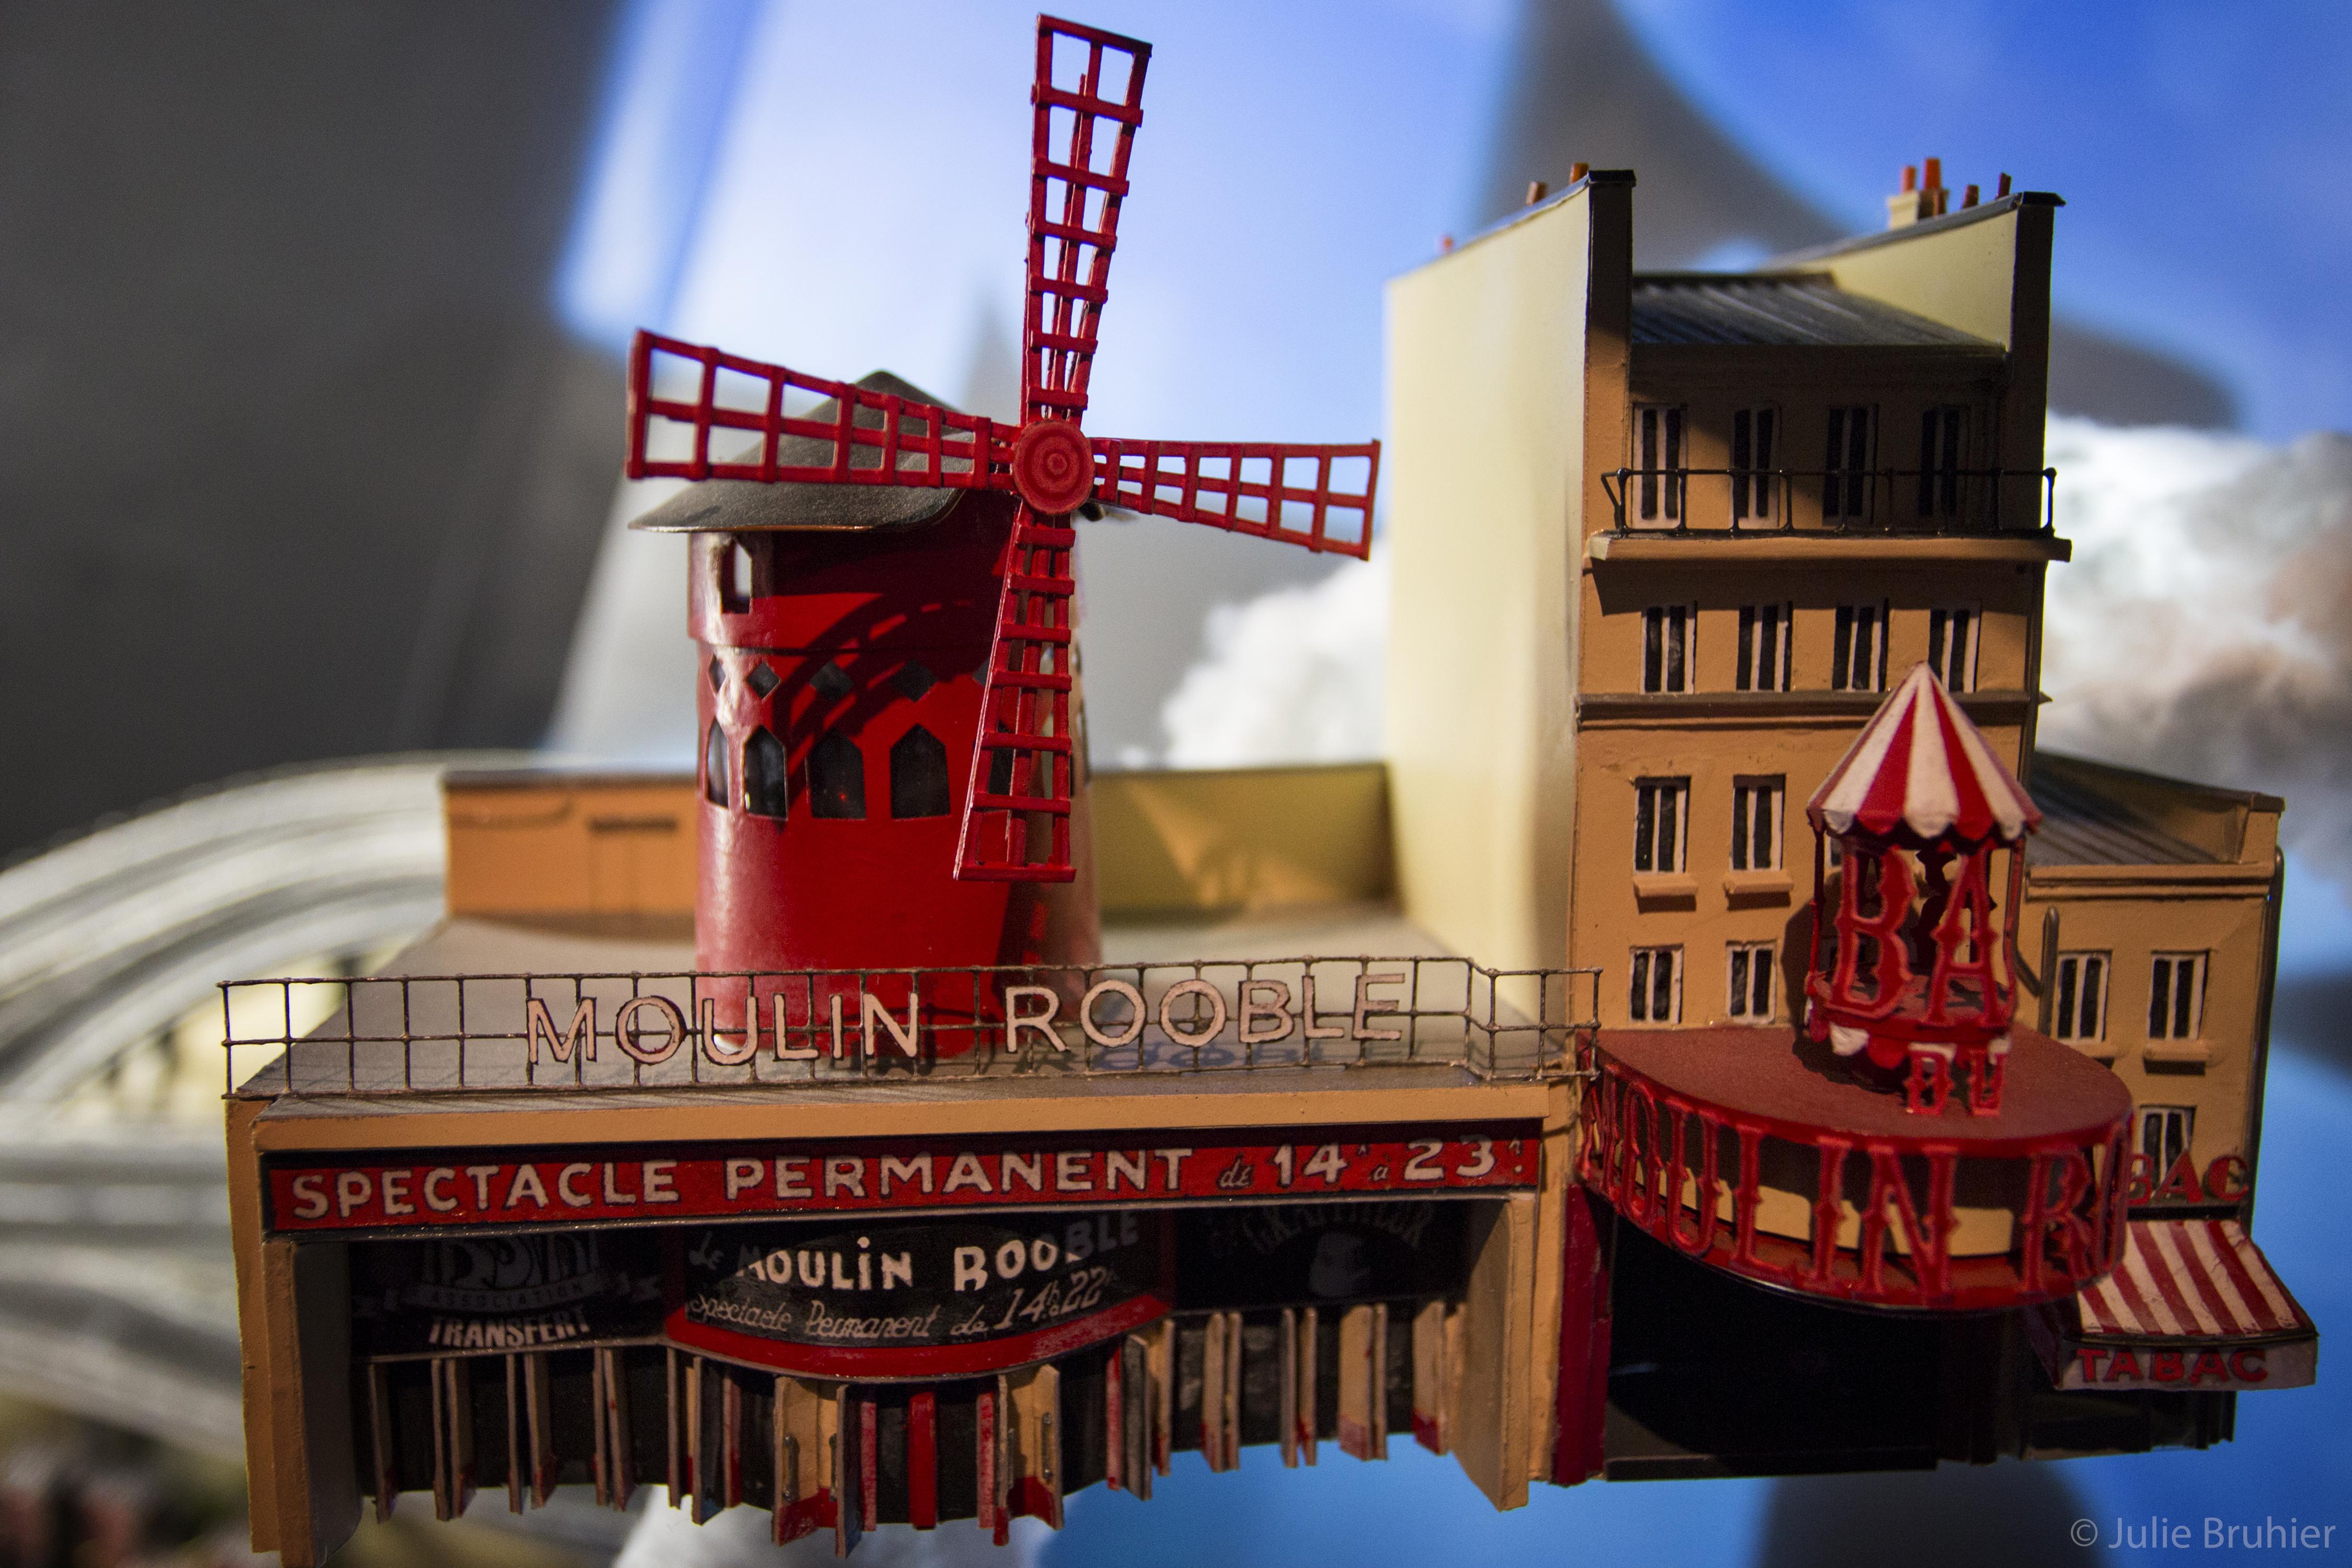 Détail Moulin Rooble